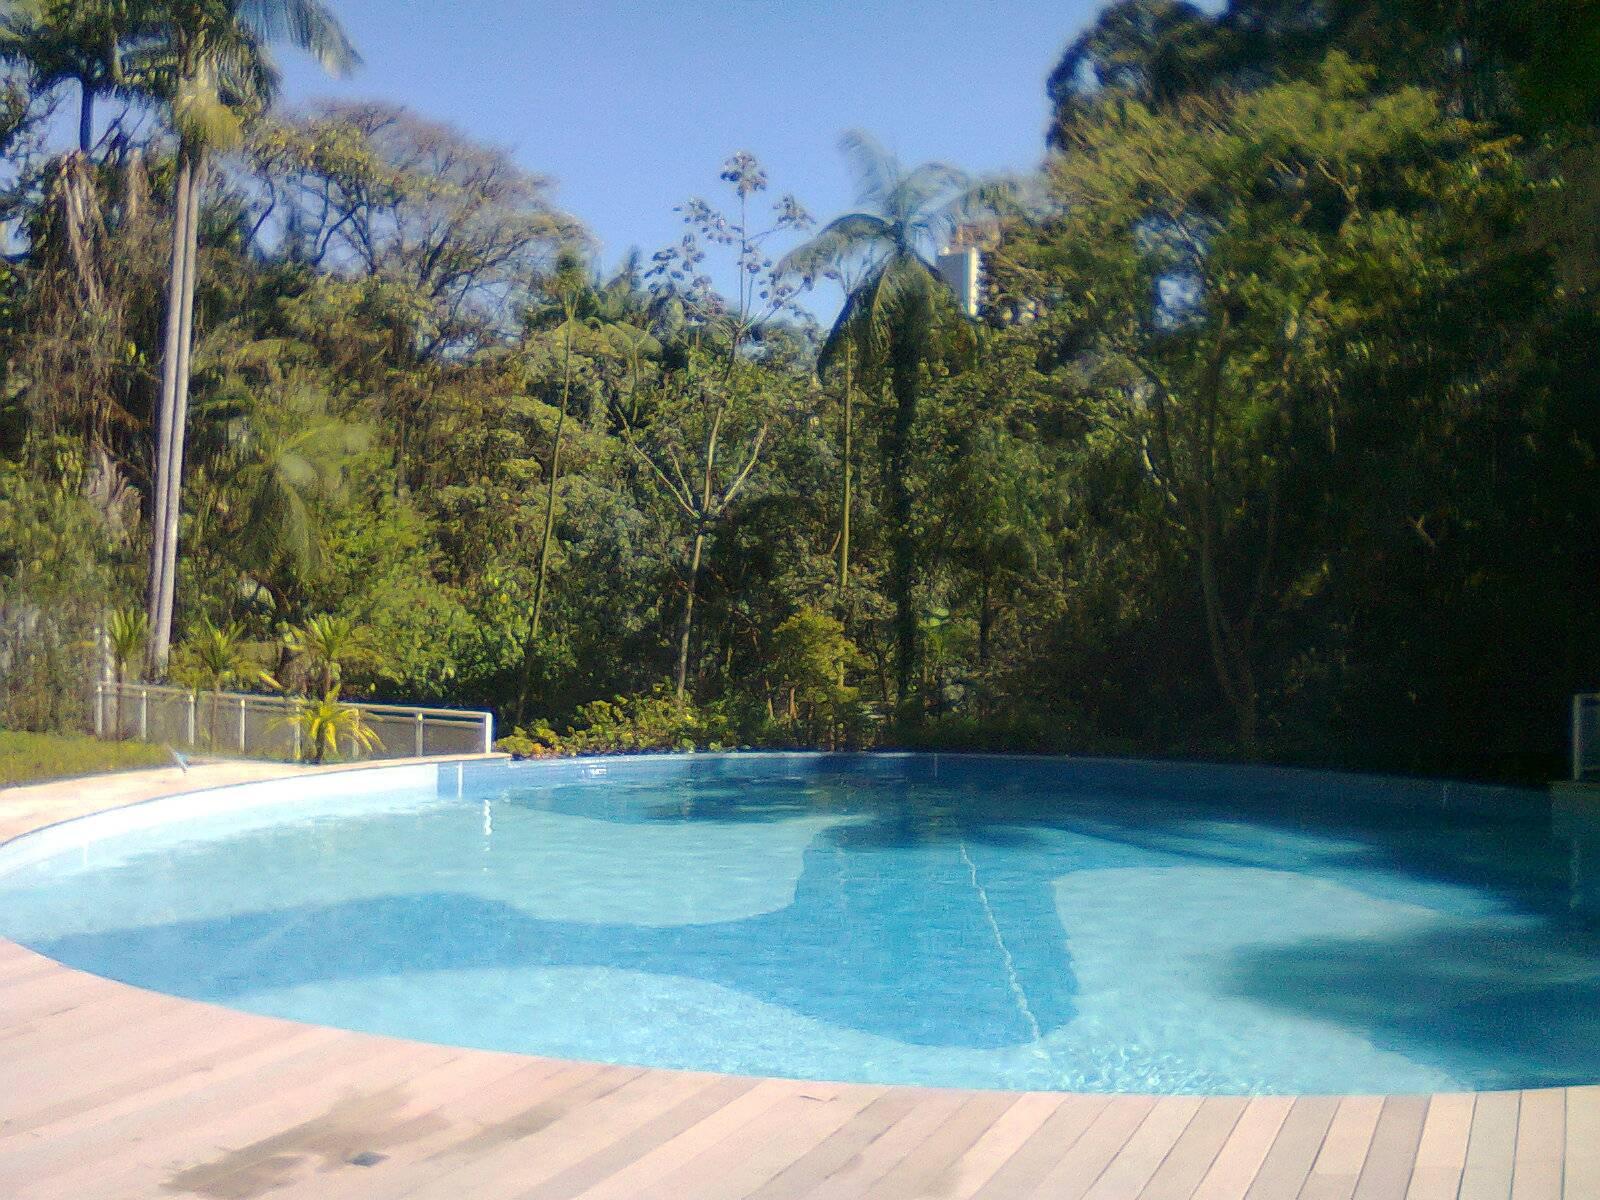 Limpeza de filtro piscina qualy tratus piscinas for Filtro piscina